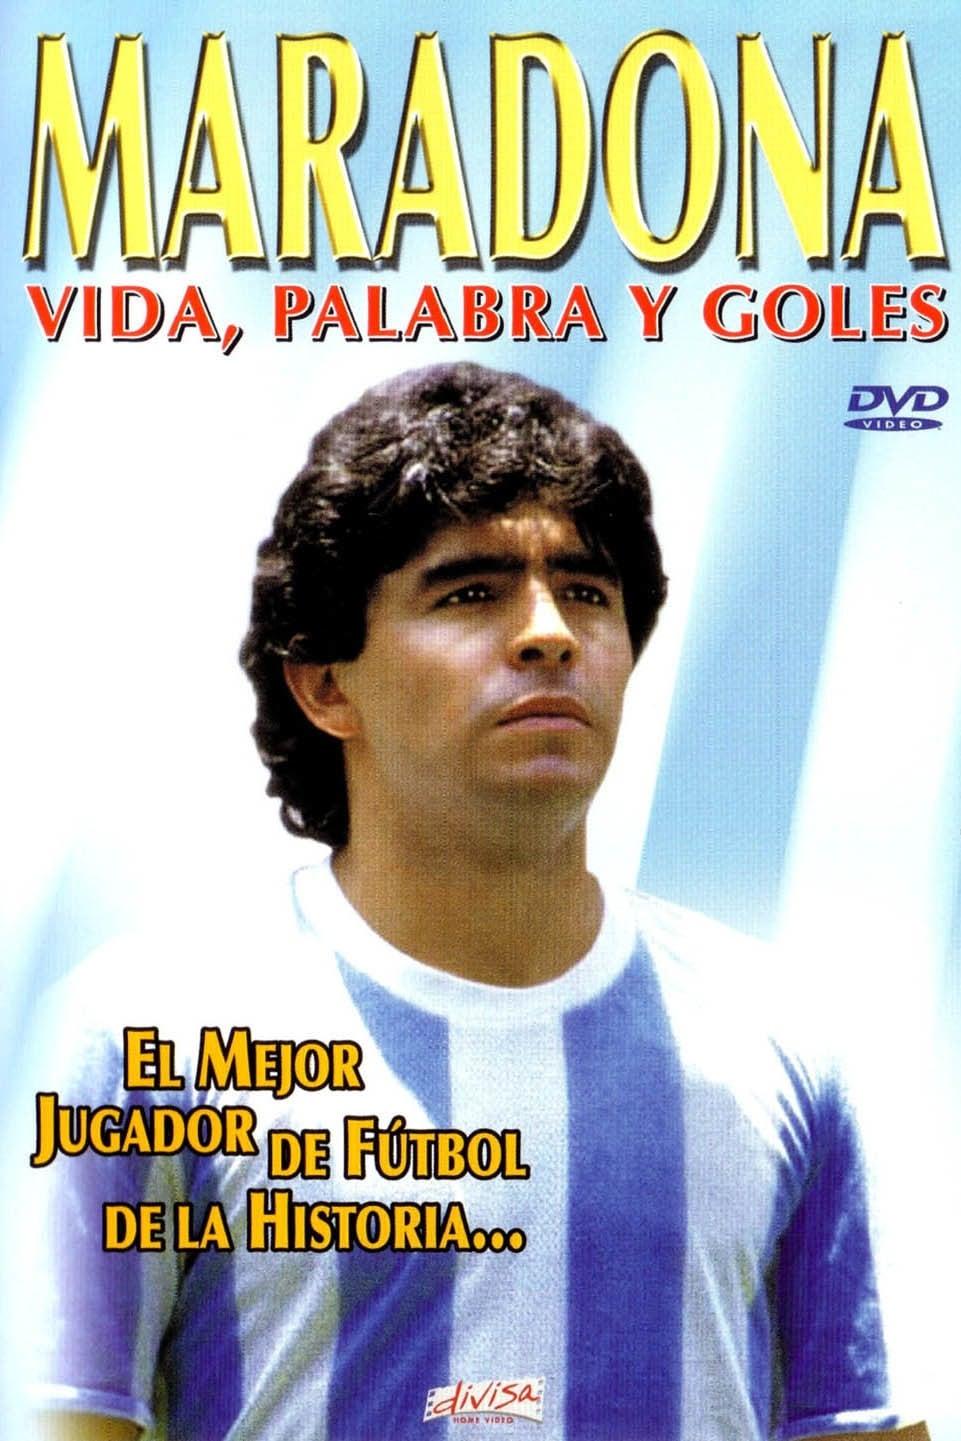 Maradona: Vida, Palabra y Goles (1999)